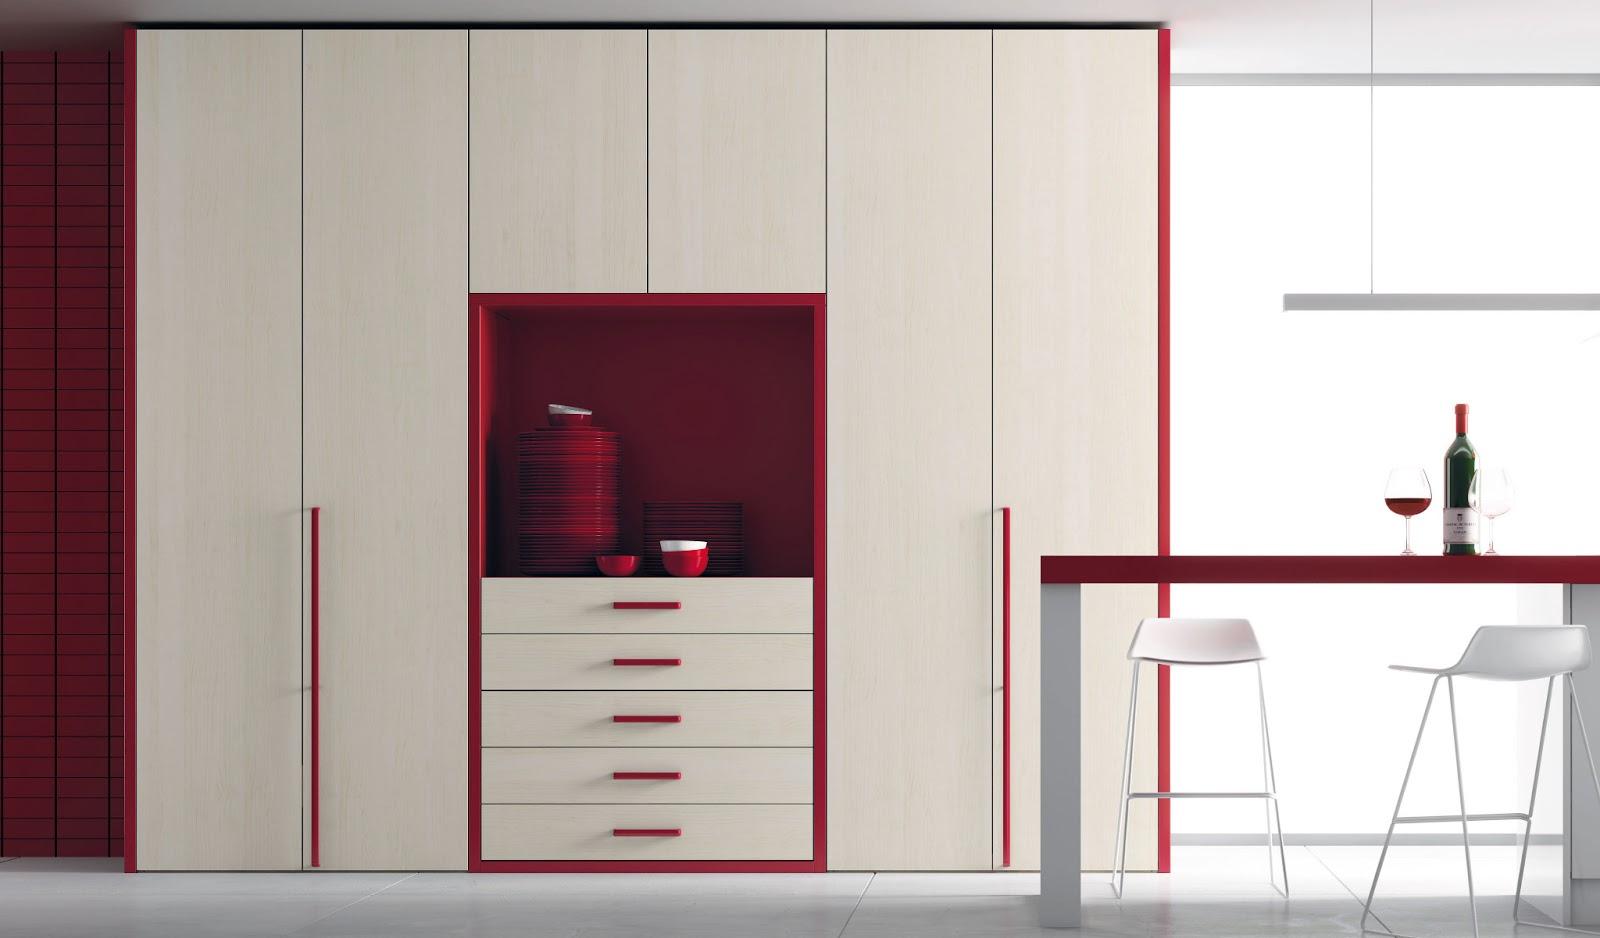 Muebles ros armarios para cualquier rinc n adelantos - Armarios de rincon ...